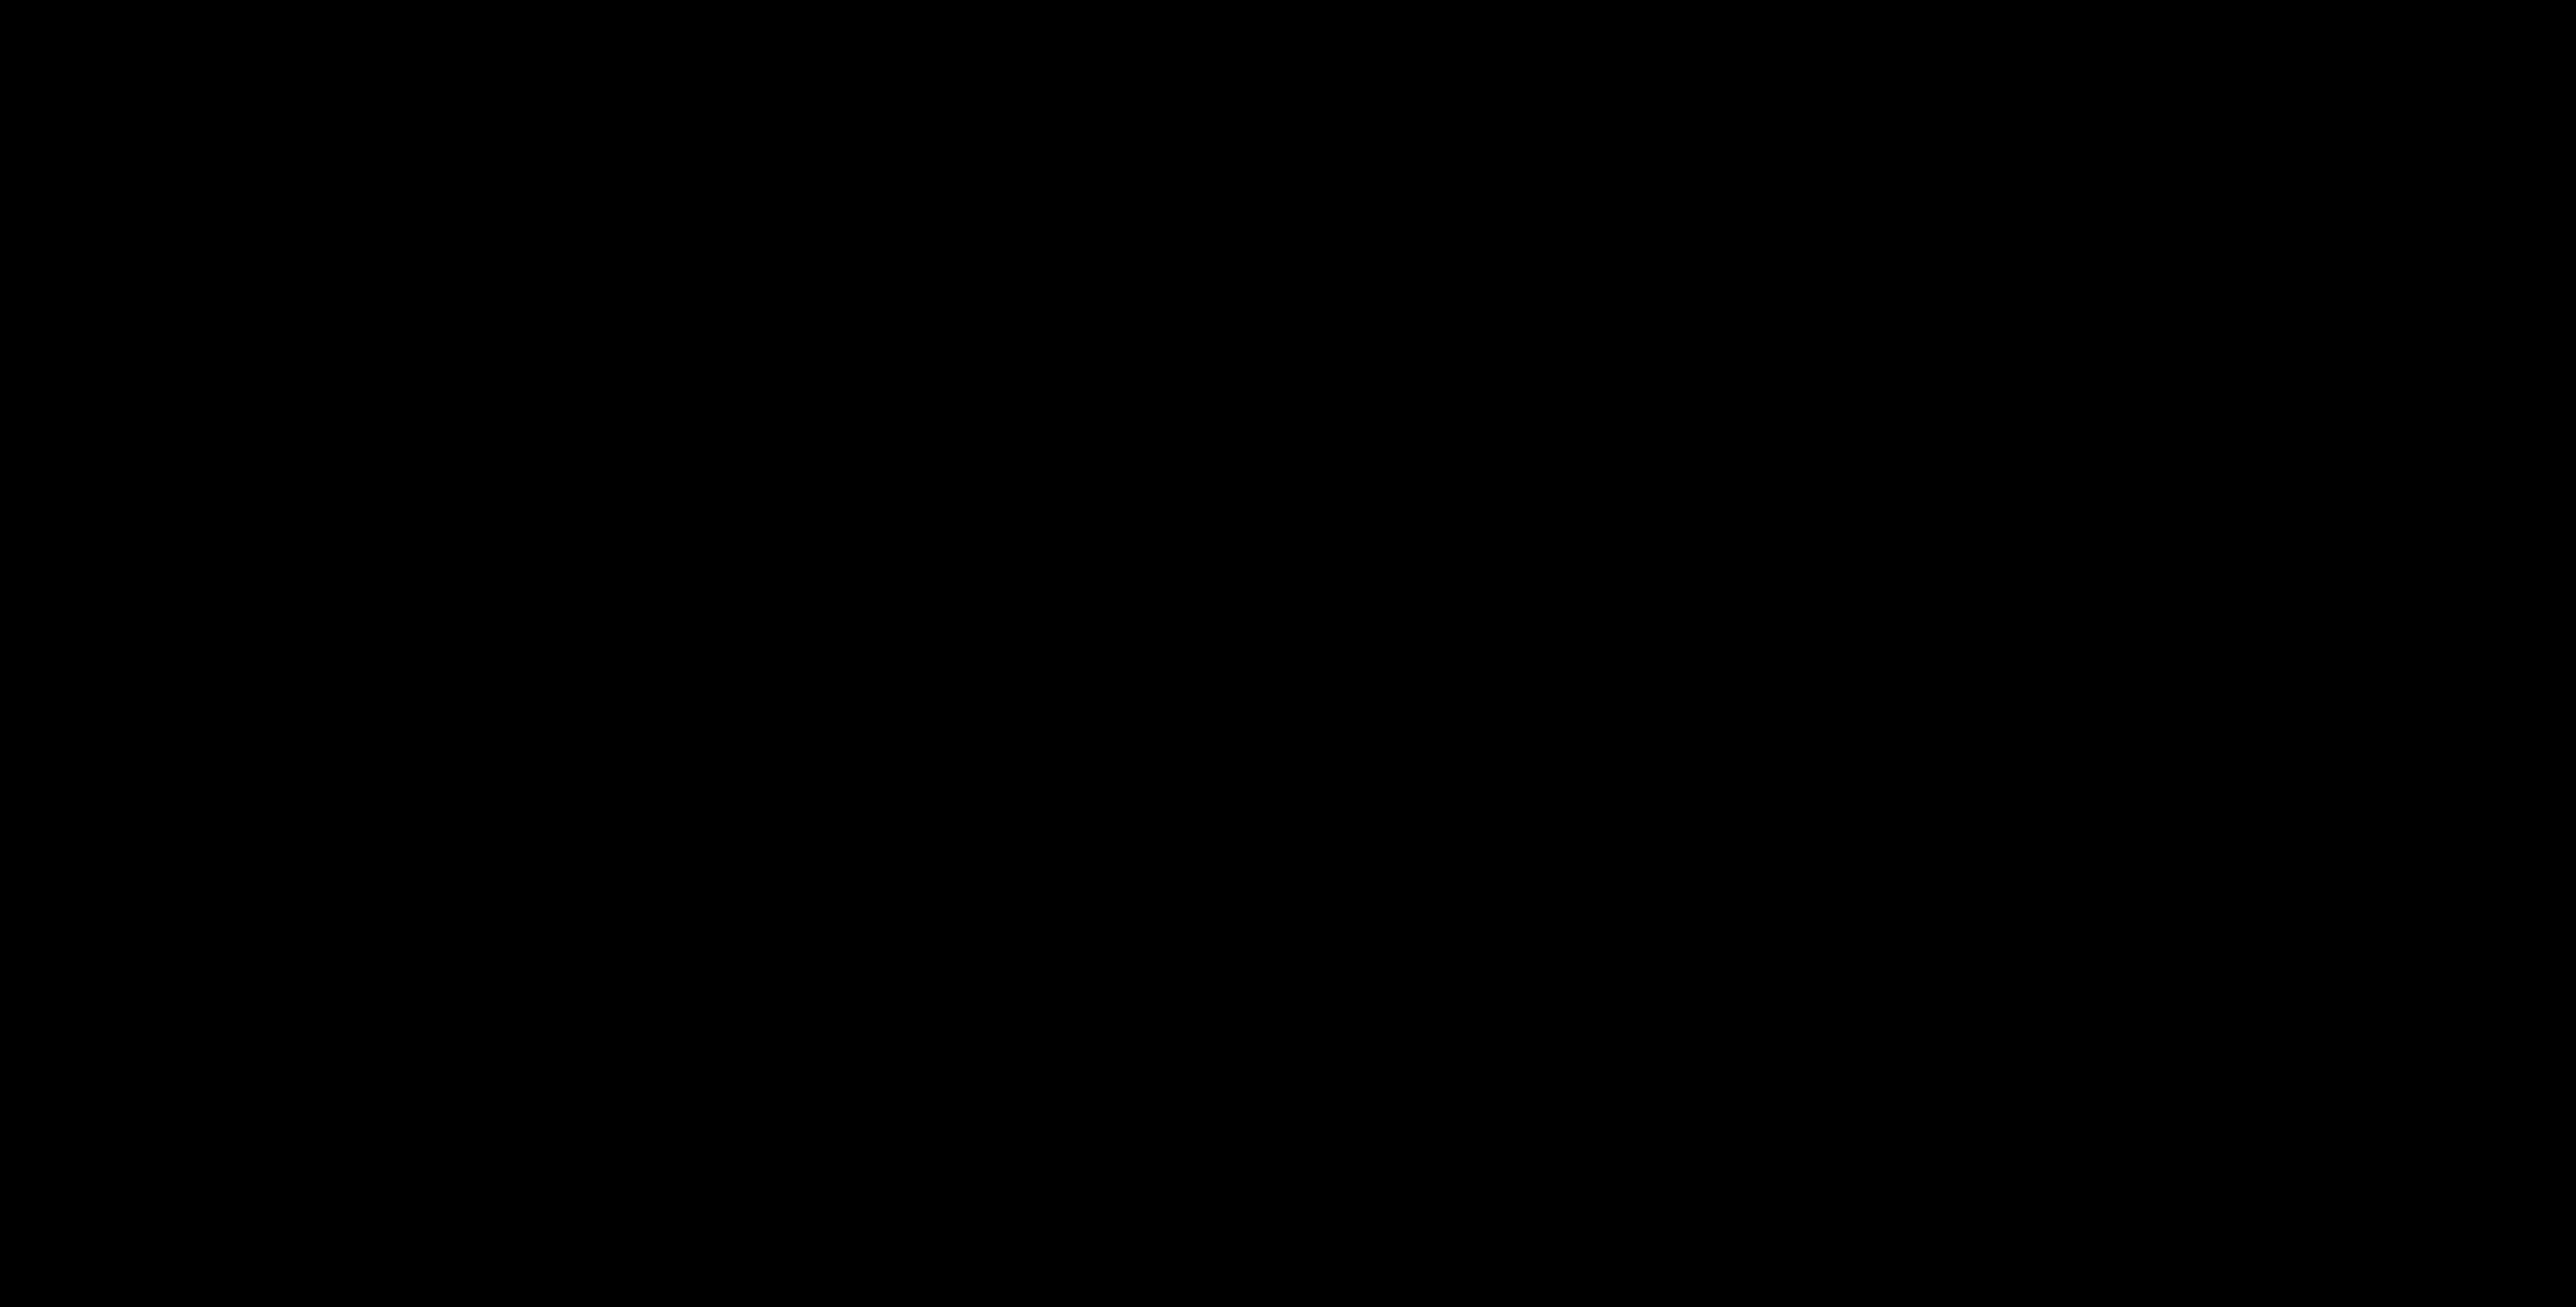 JJNY logo